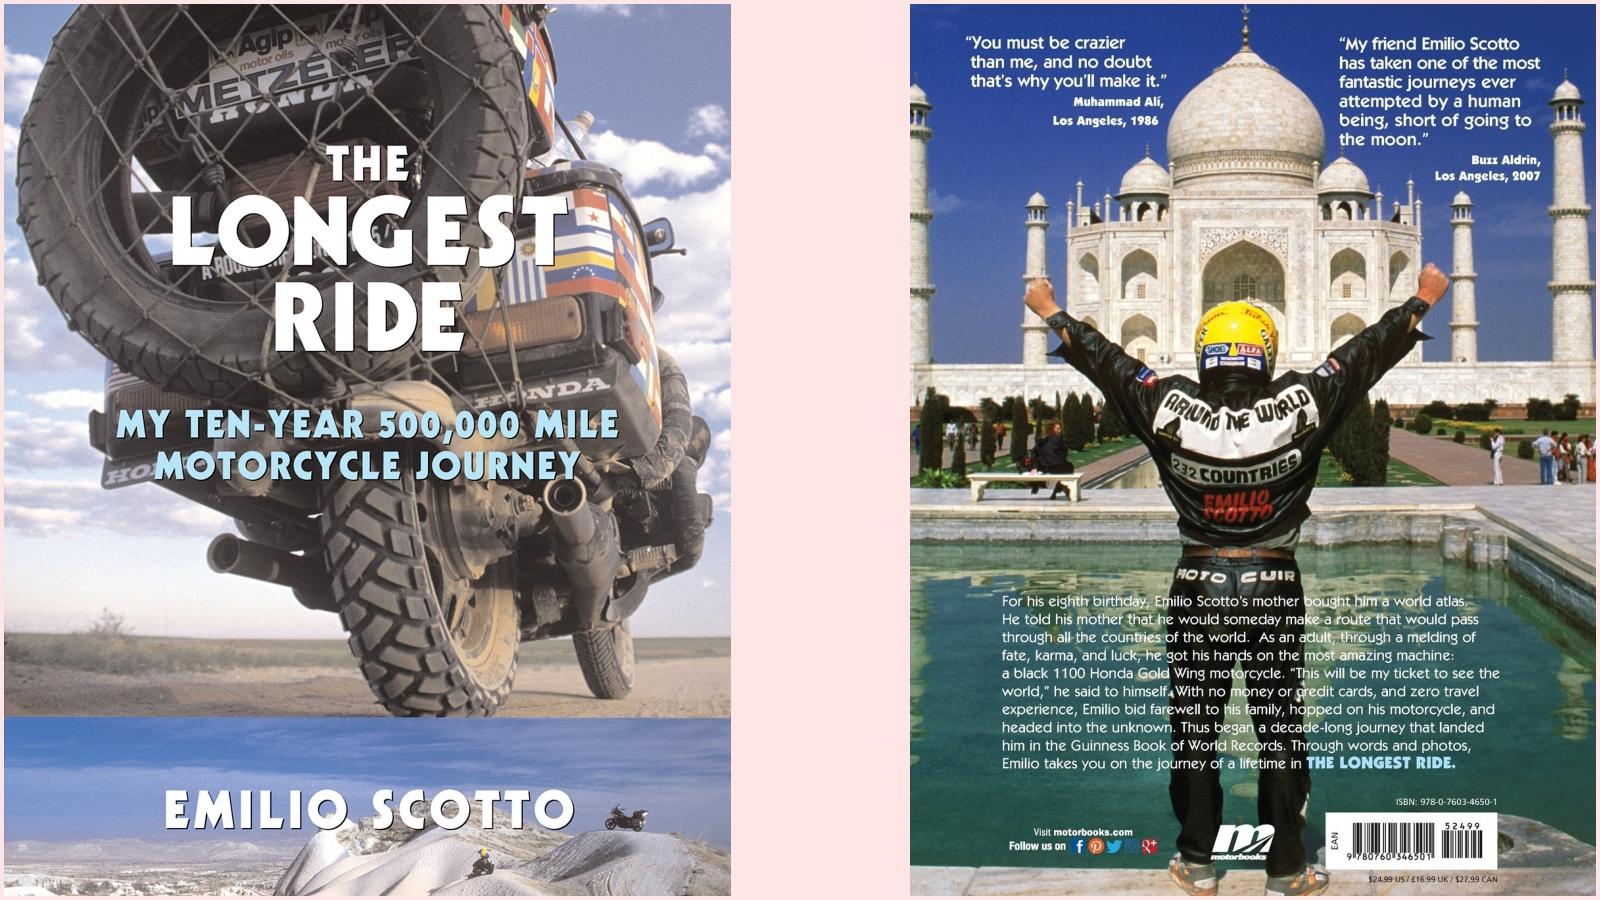 The longest ride / Emilio Scotto